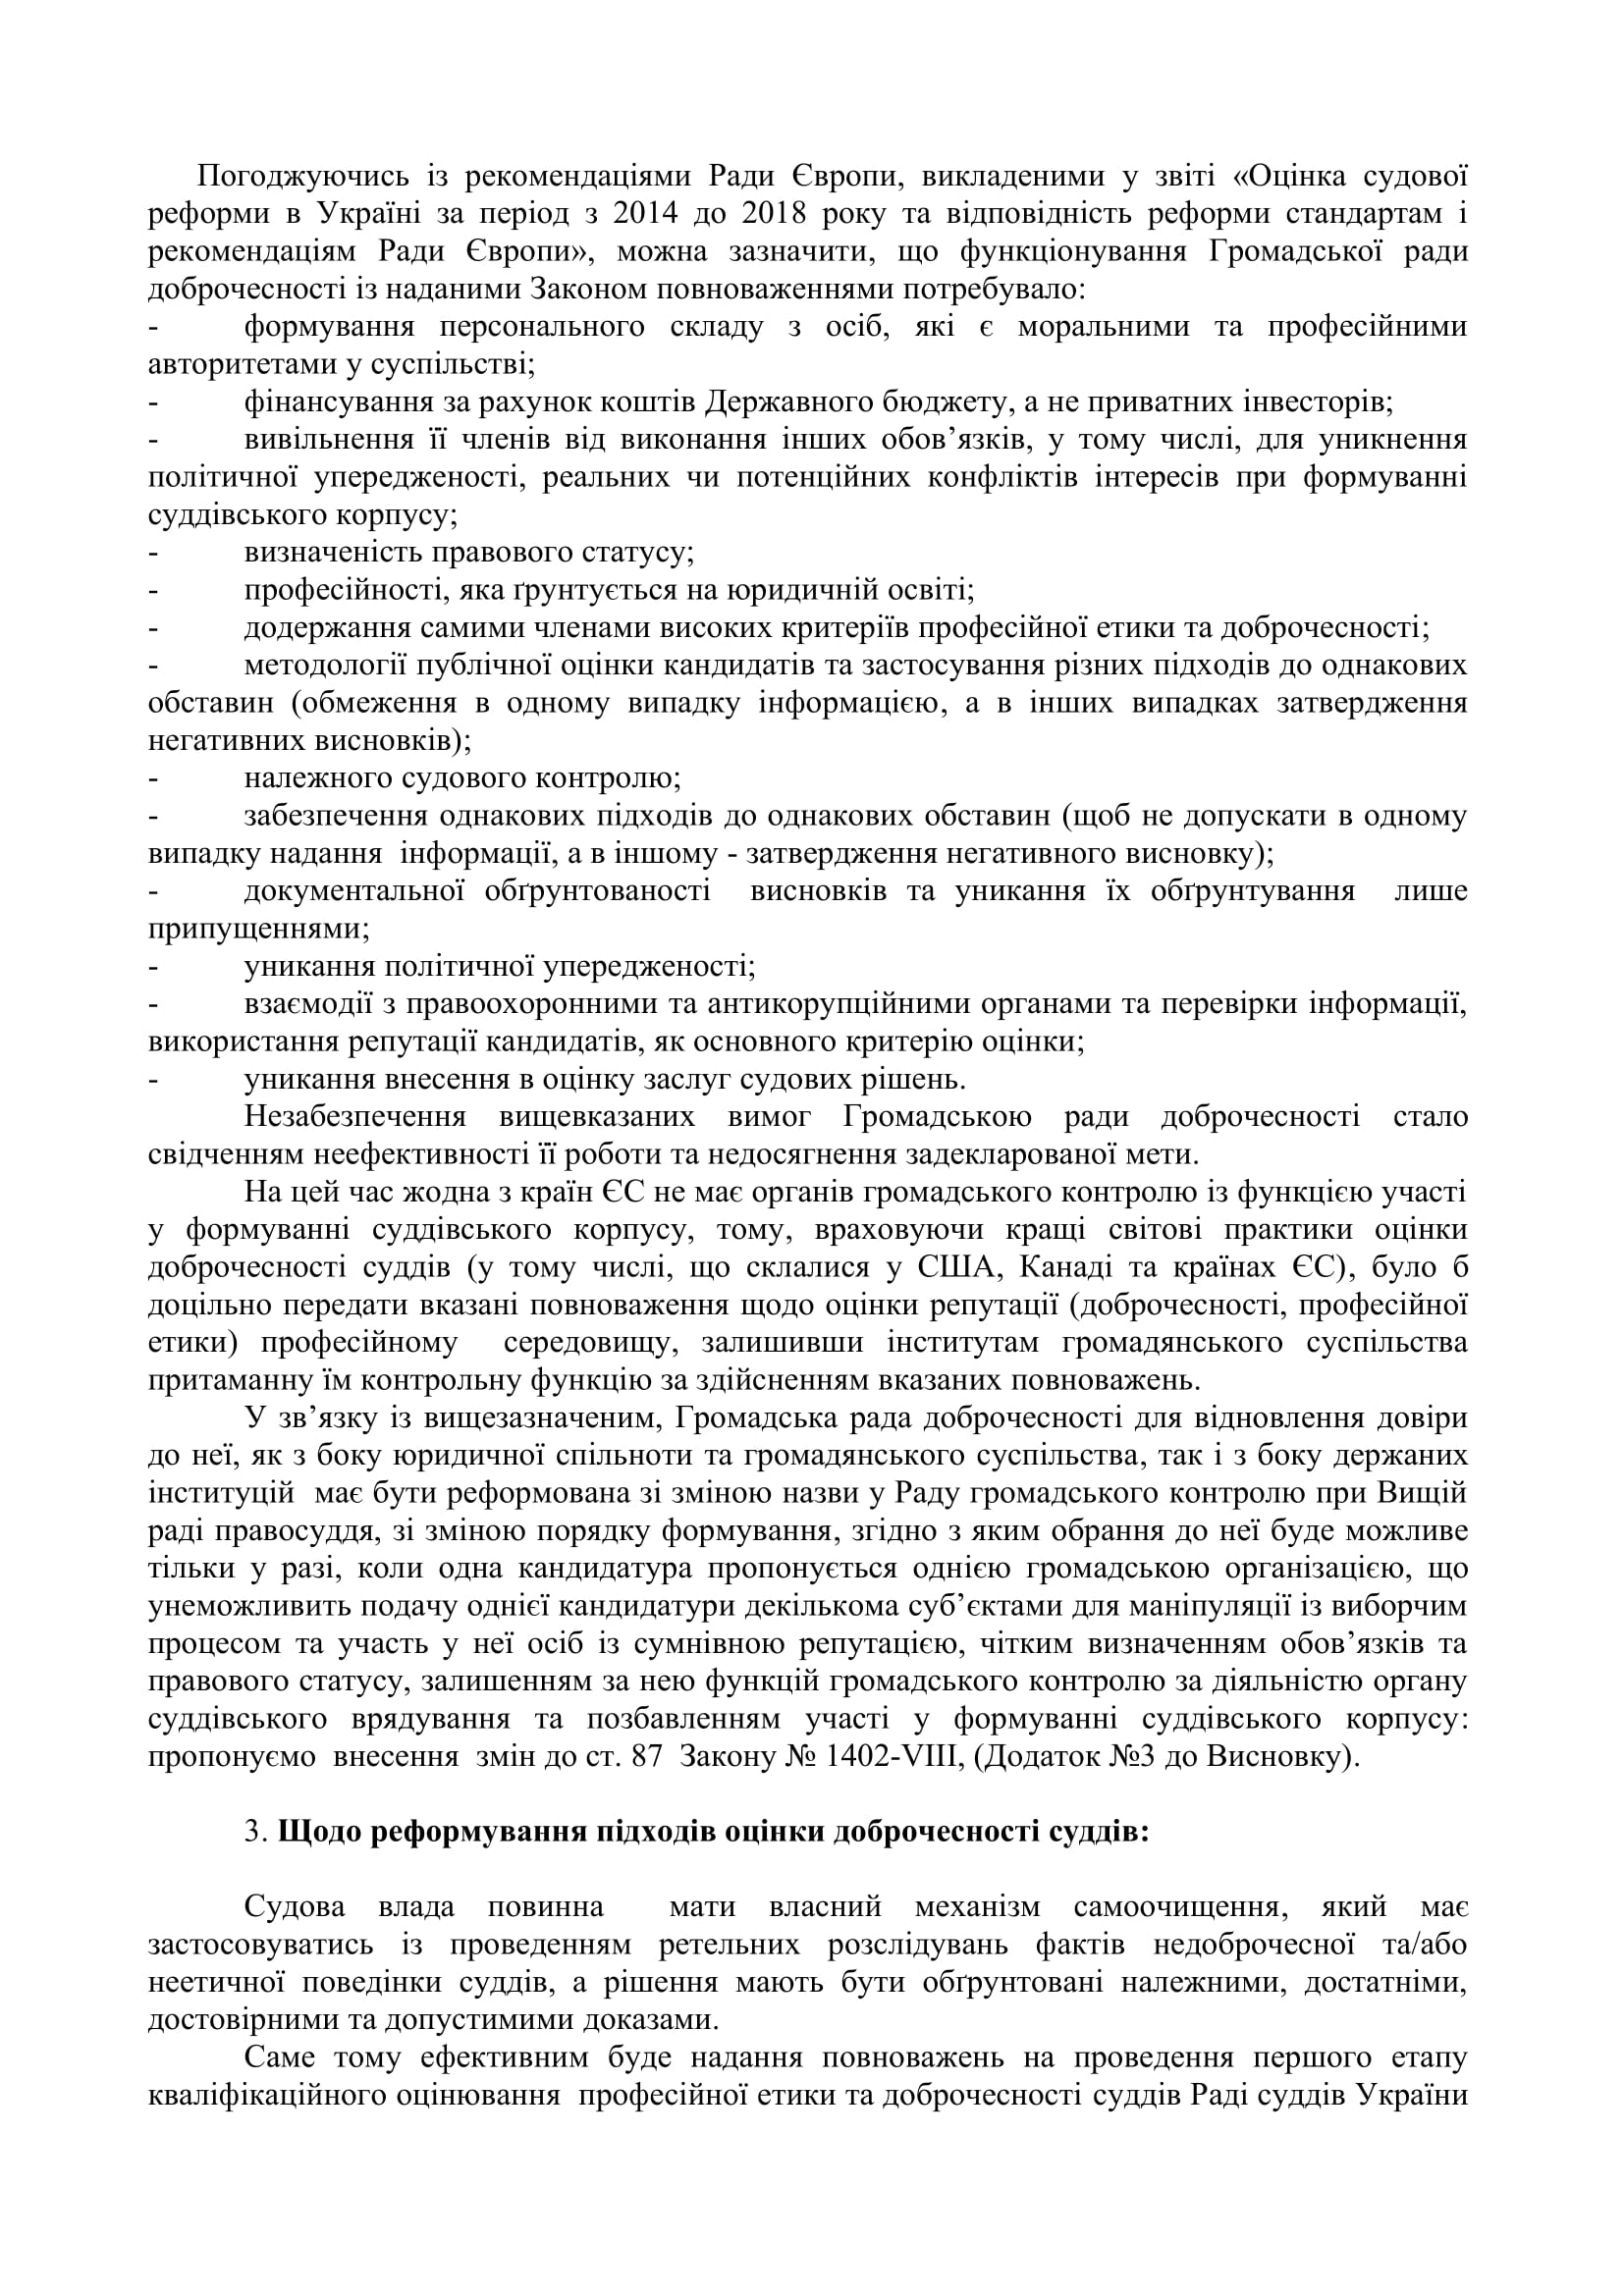 Висновок-АРССУ-щодо-№ 3534-21.07.2020-03